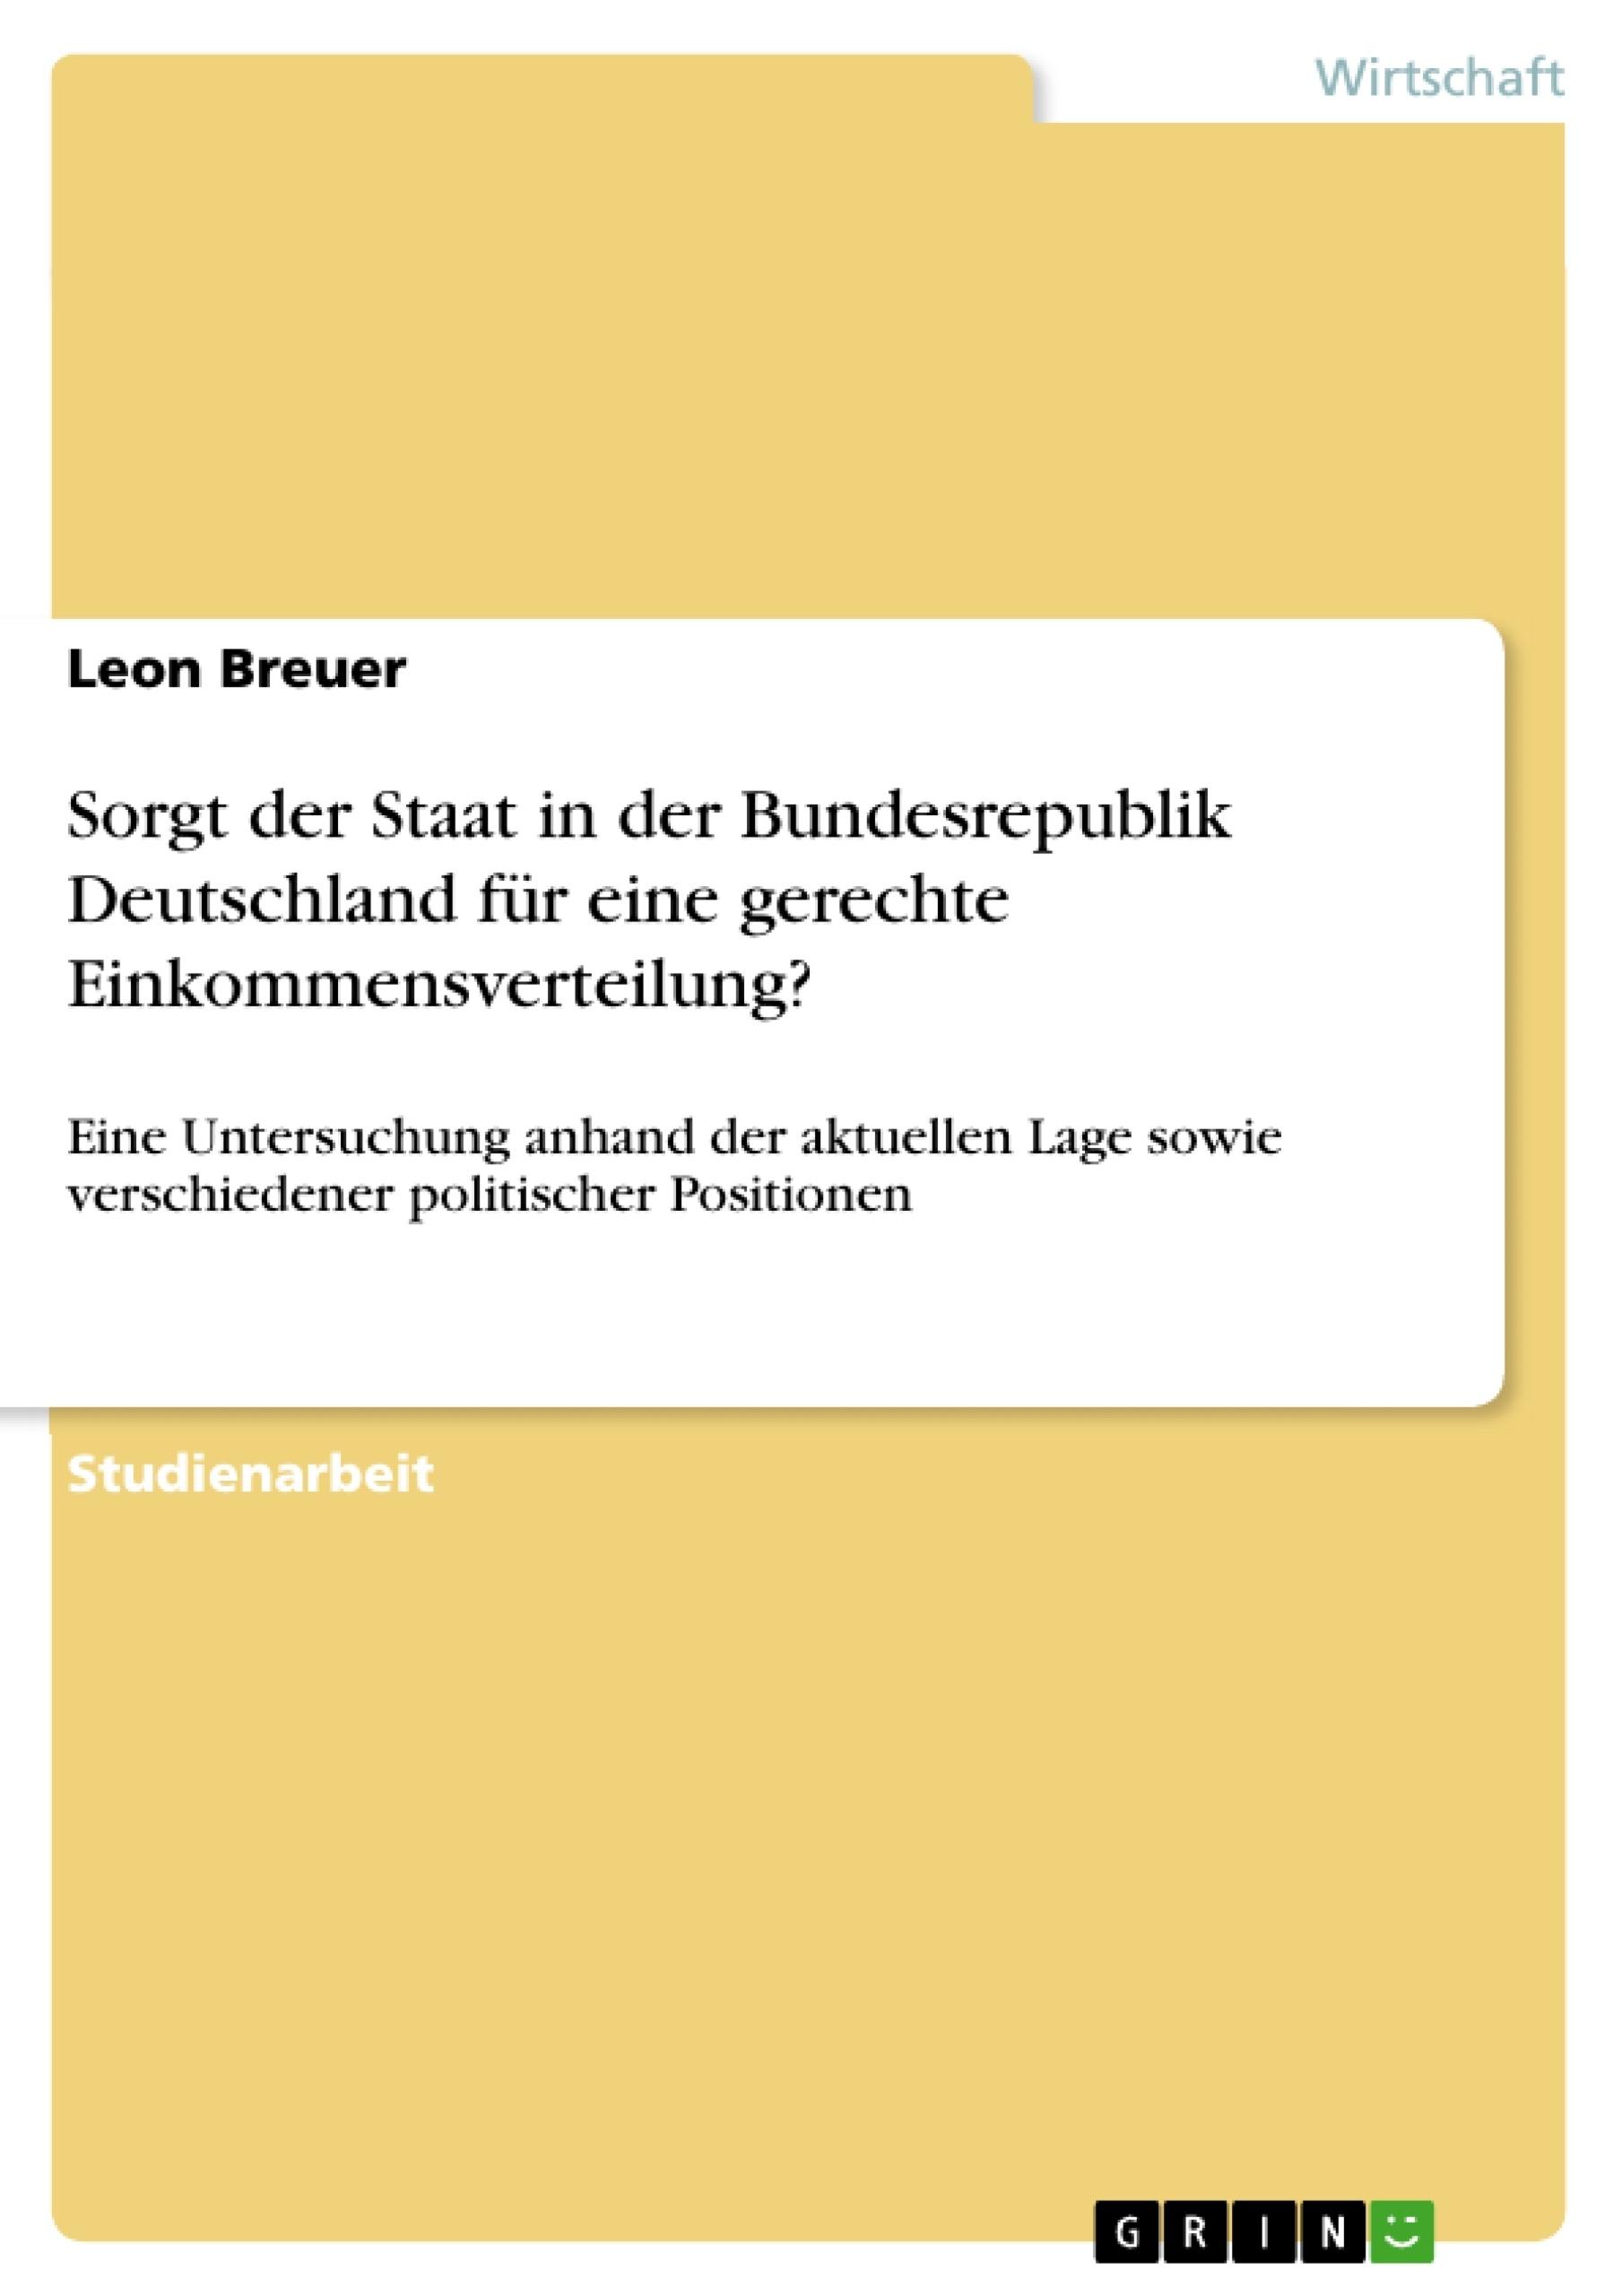 Titel: Sorgt der Staat in der Bundesrepublik Deutschland für eine gerechte Einkommensverteilung?